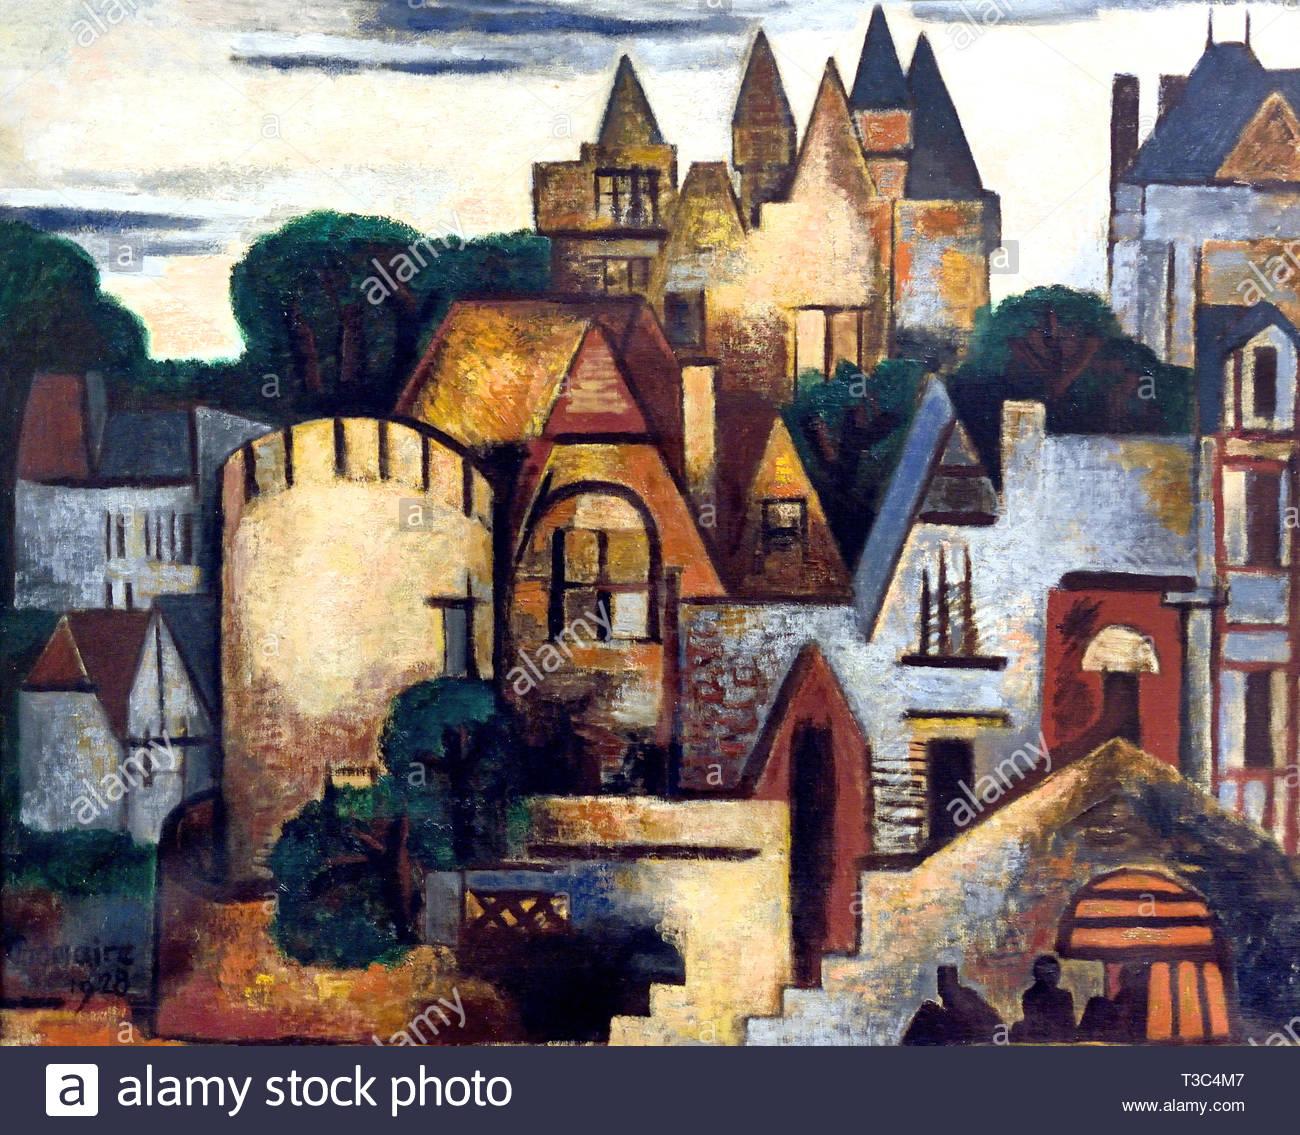 Paris Villas Romanesques 1928 Marcel Gromaire 1882 France French - Stock Image